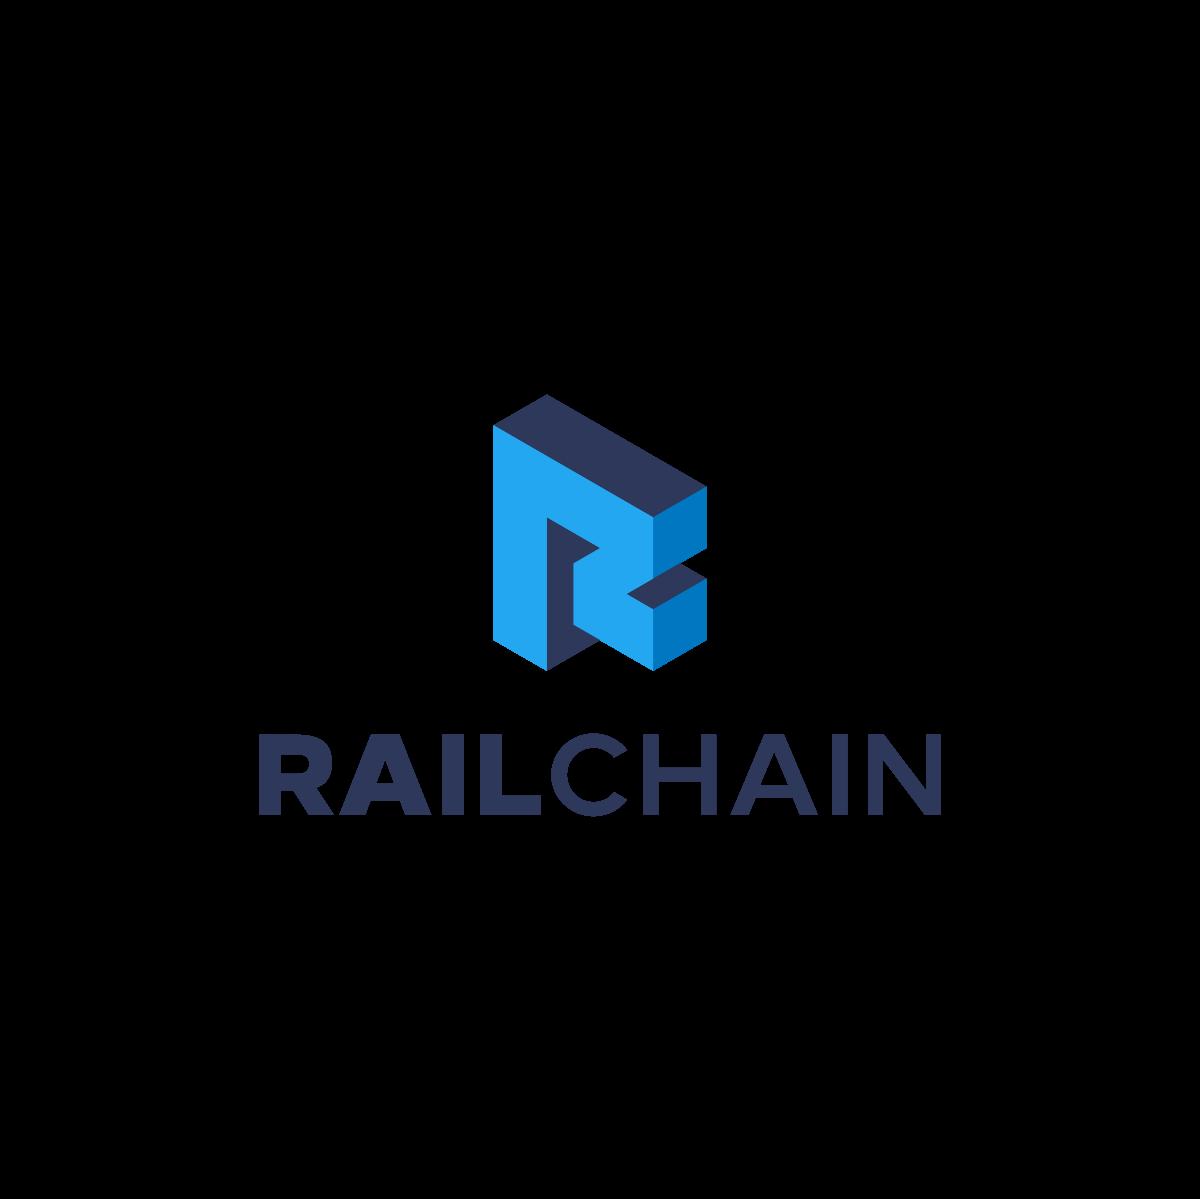 RailChain Logo Design